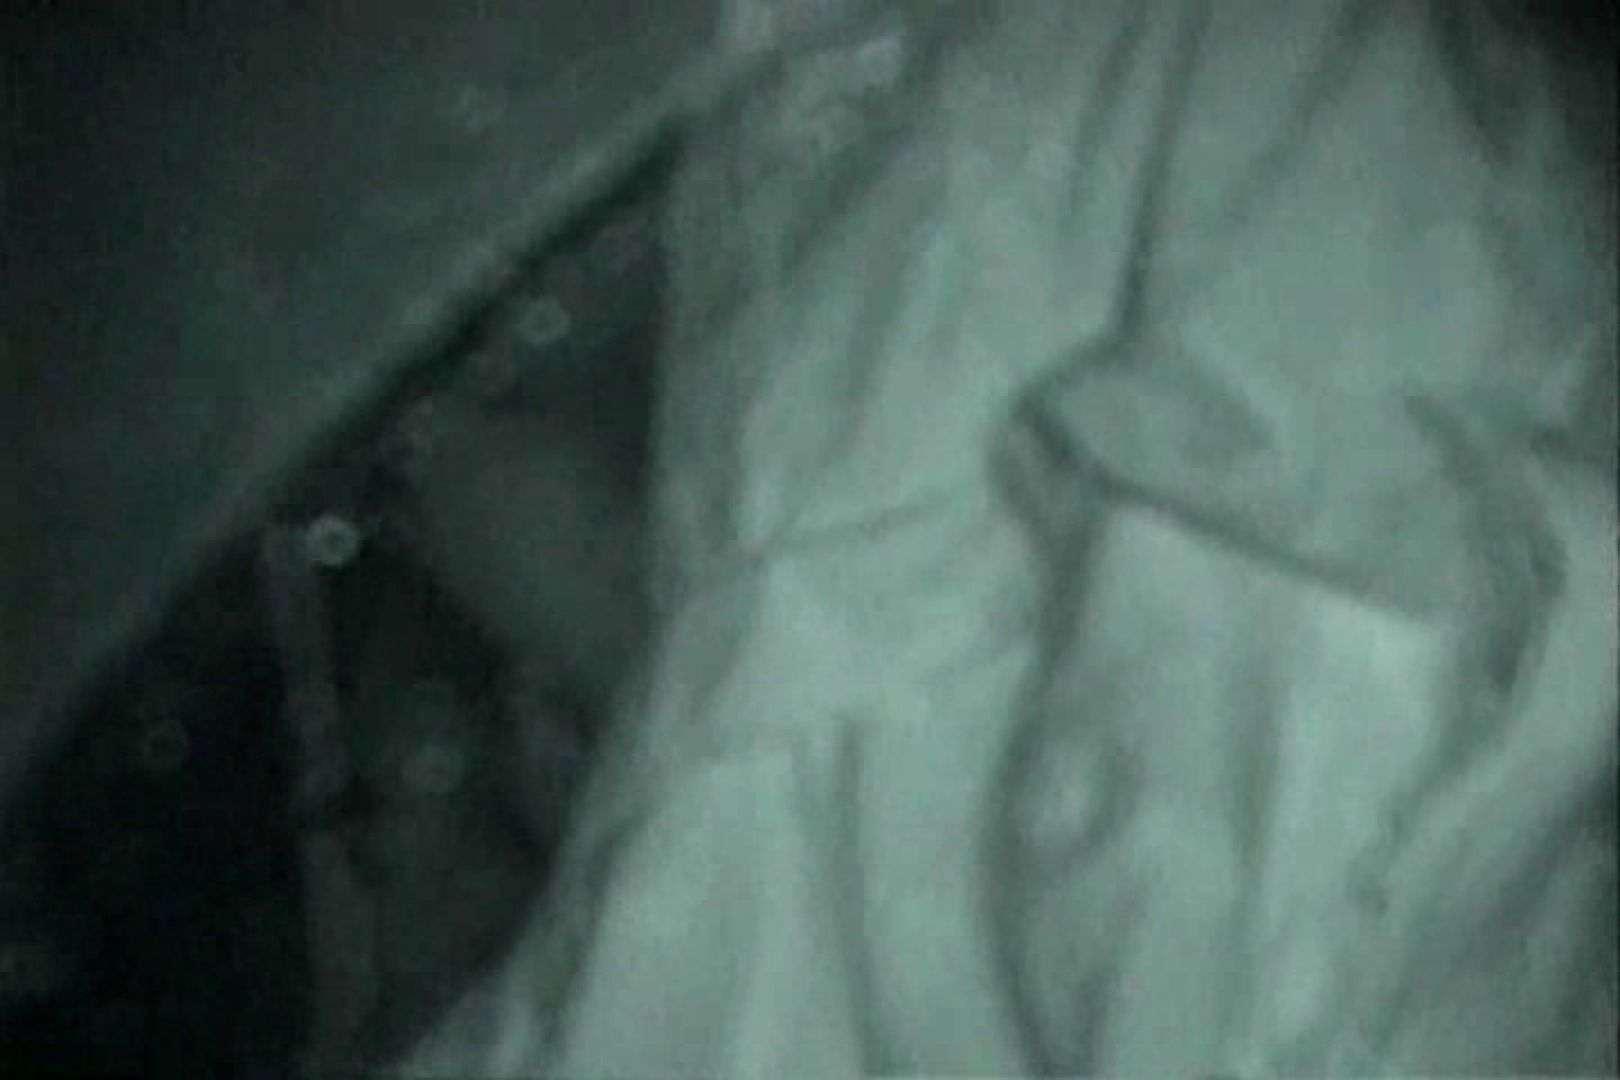 充血監督の深夜の運動会Vol.126 赤外線 すけべAV動画紹介 83画像 18